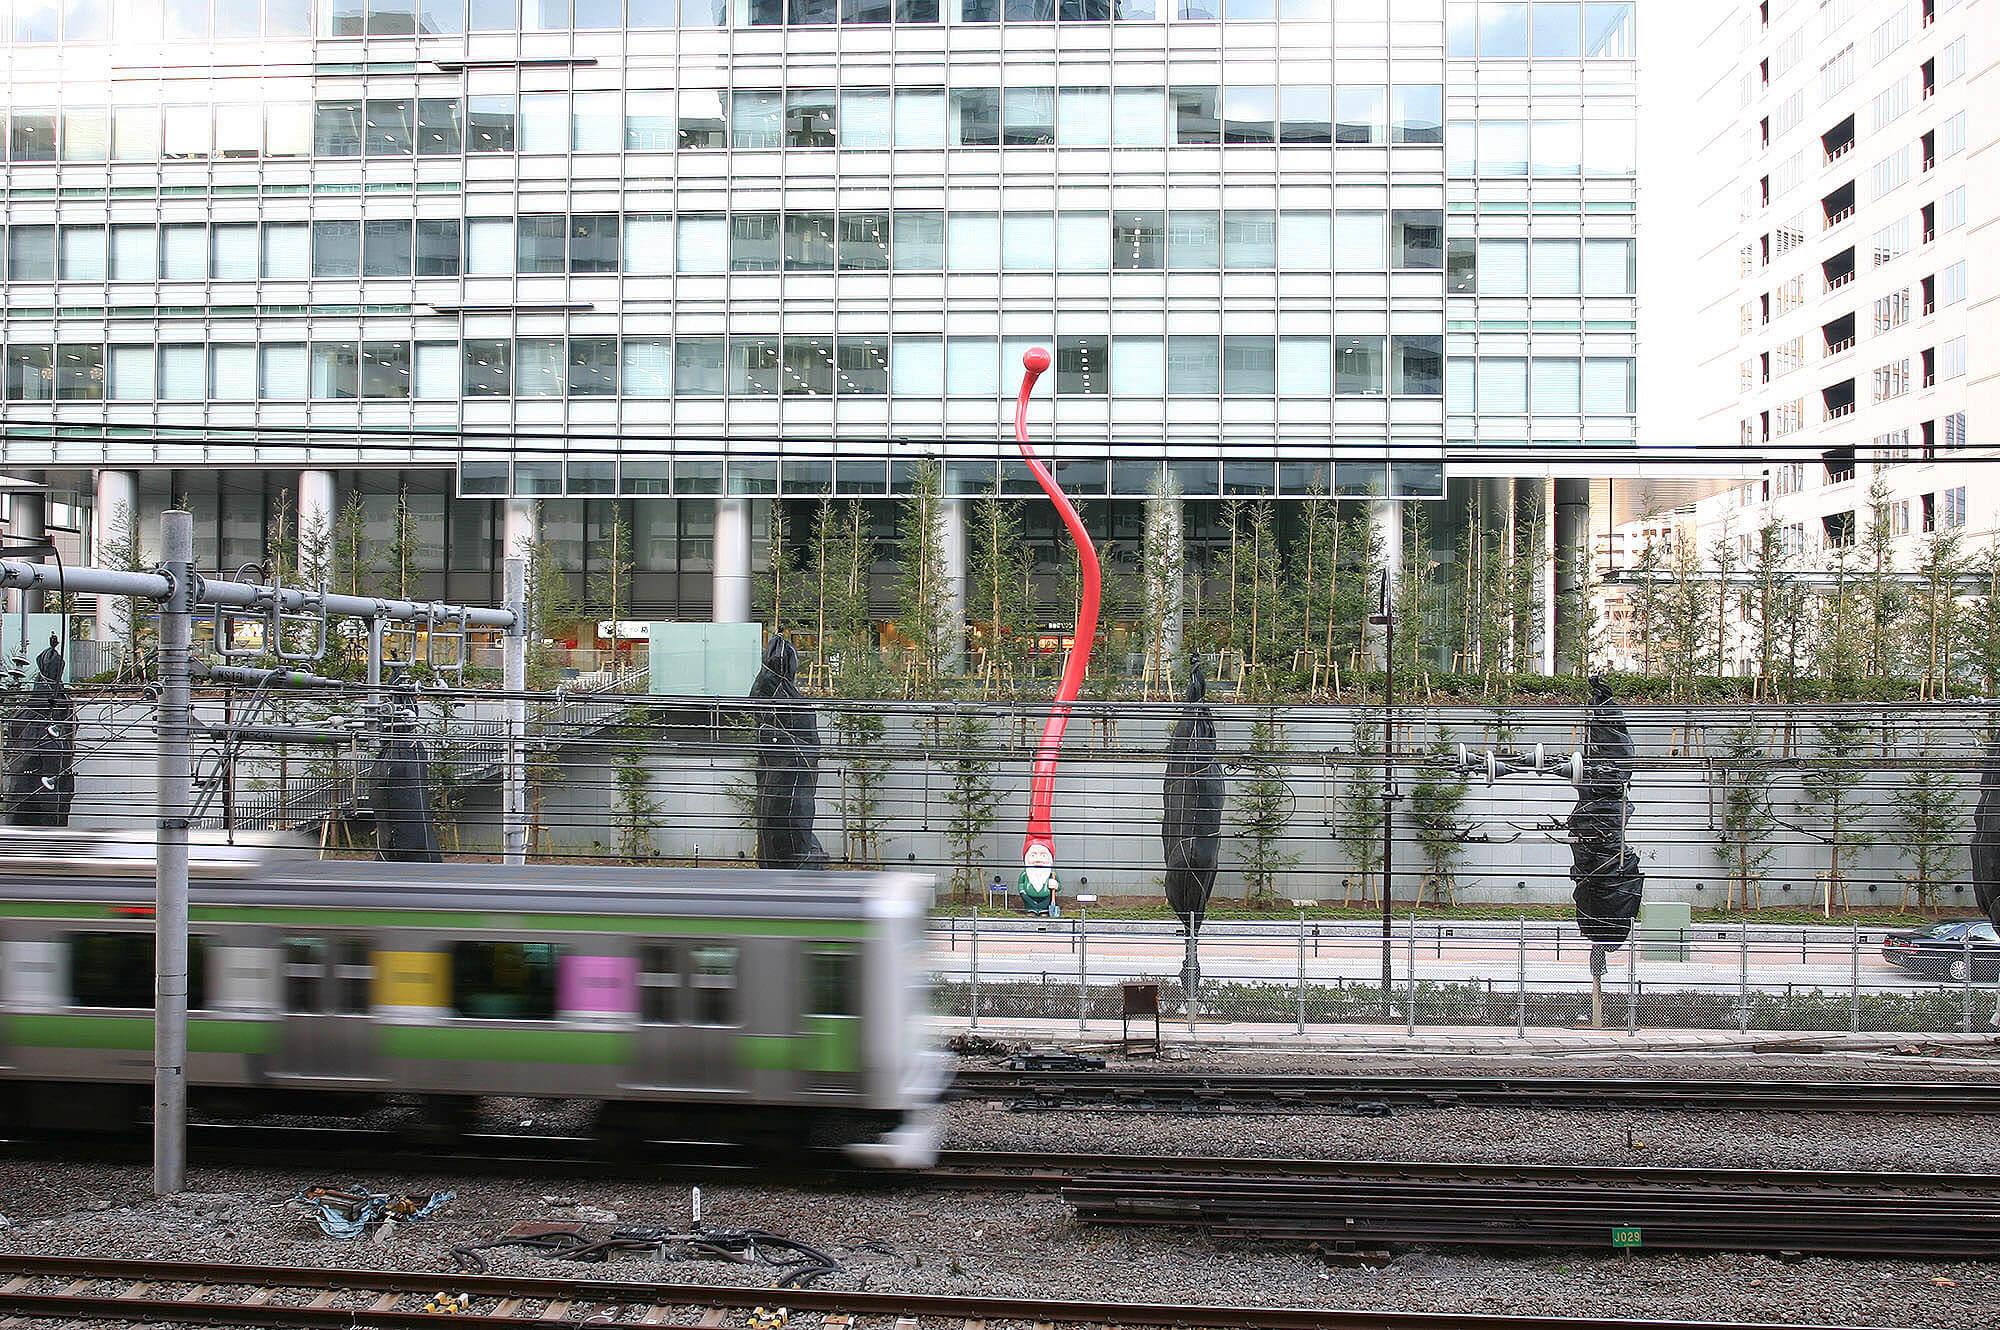 インゲス・イデー グローイング・ガードナー 現代美術 Contemporary Art